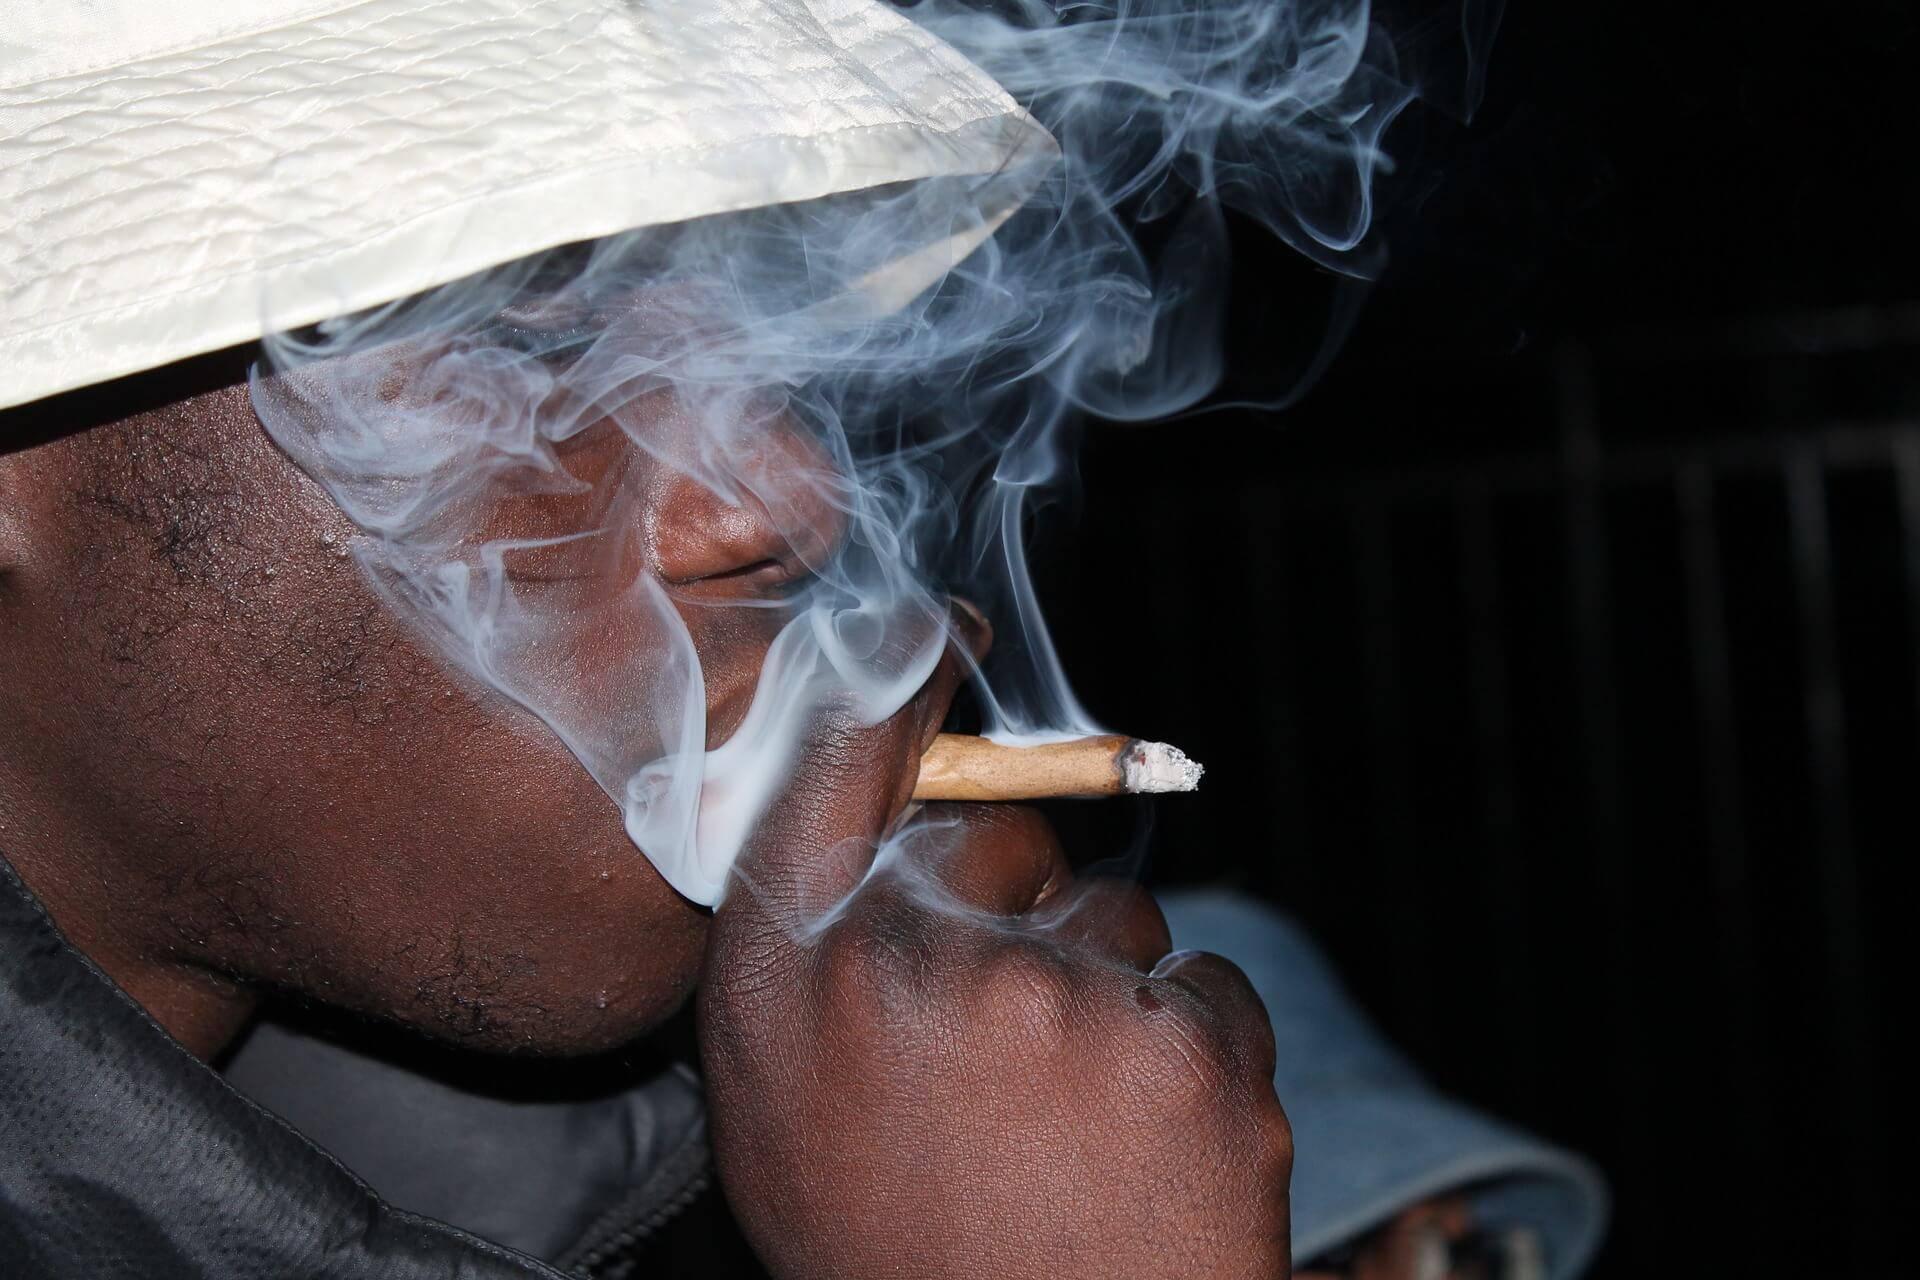 Narkotika dödar. Även cannabis.